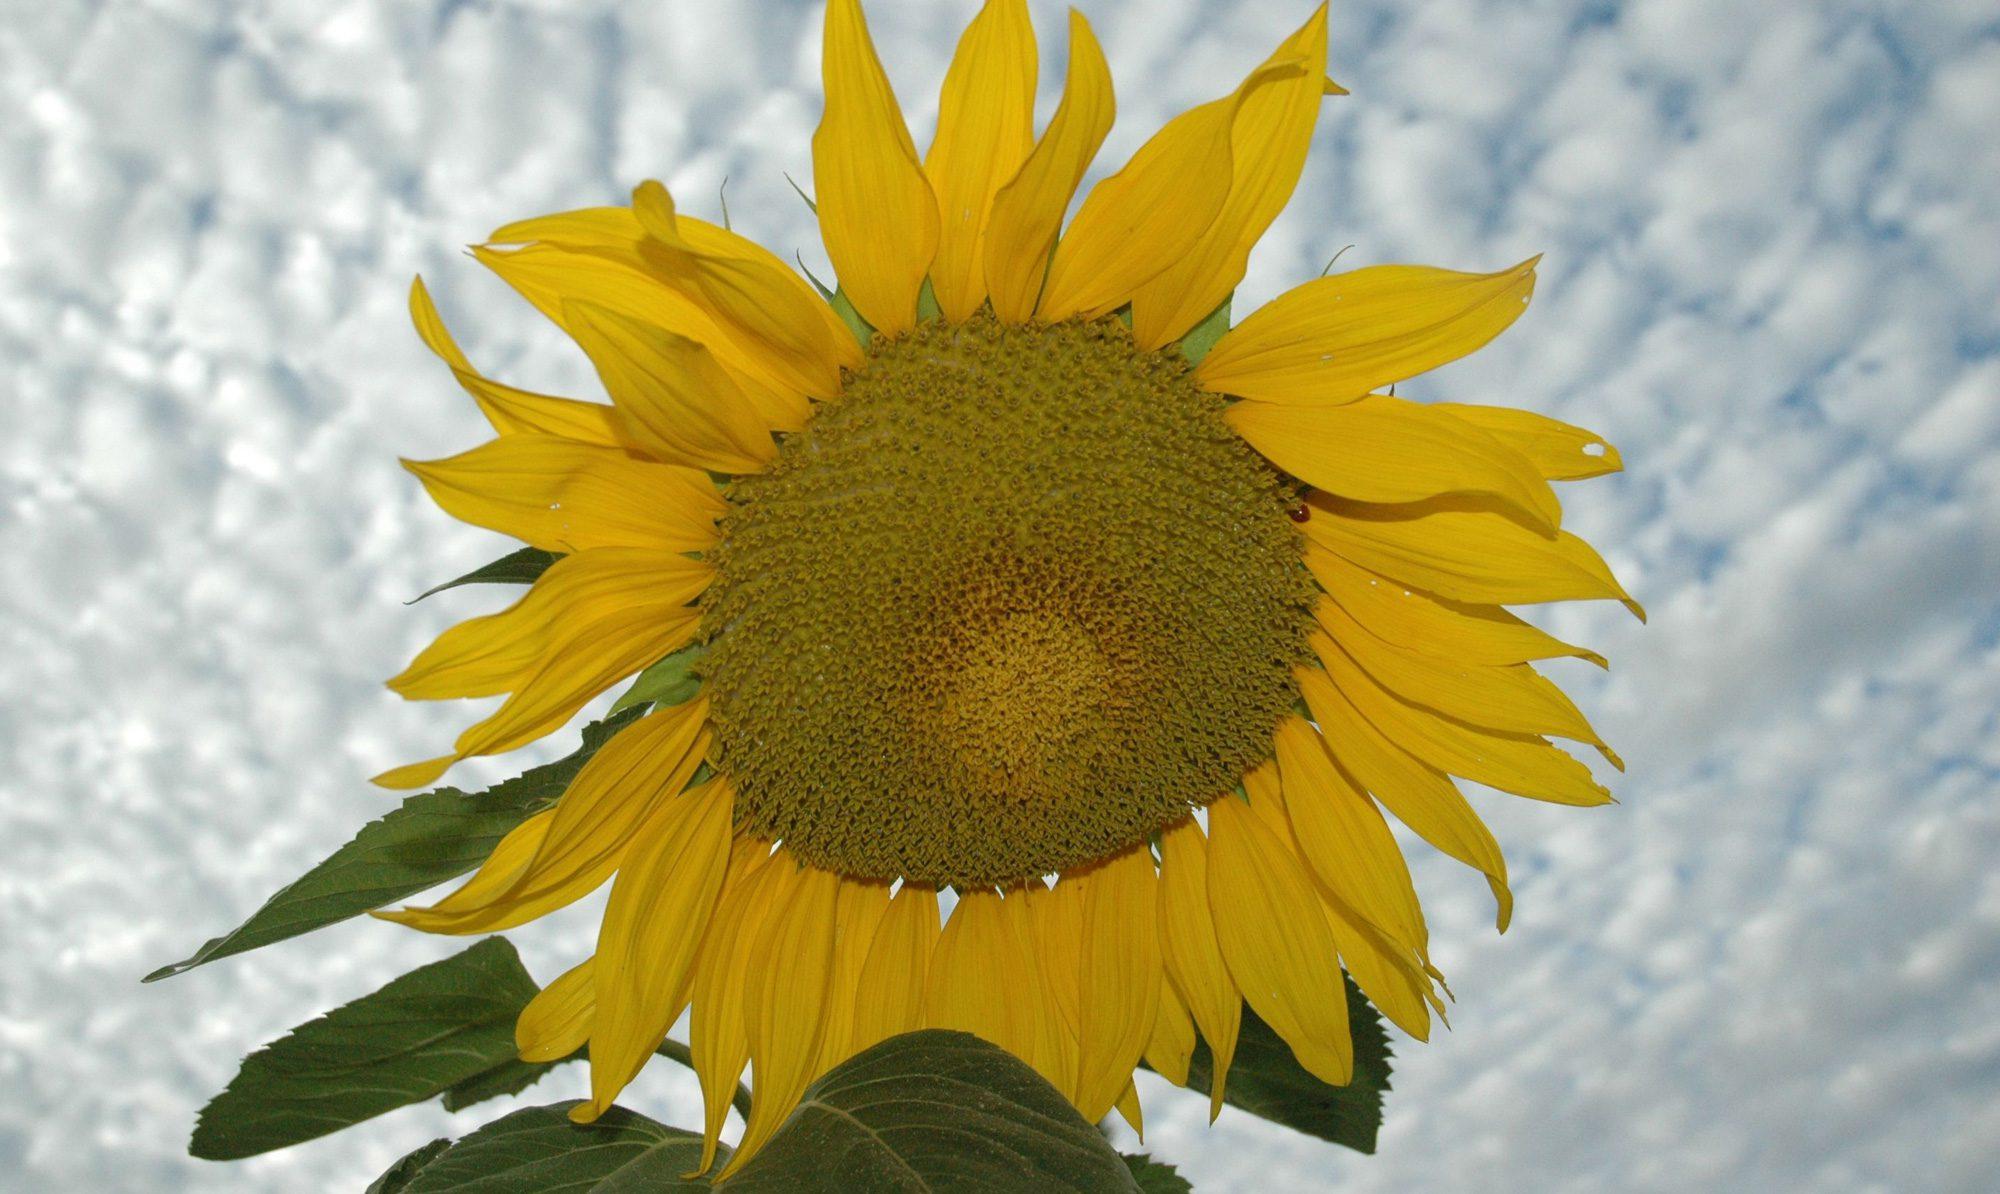 giant yellow sunflower